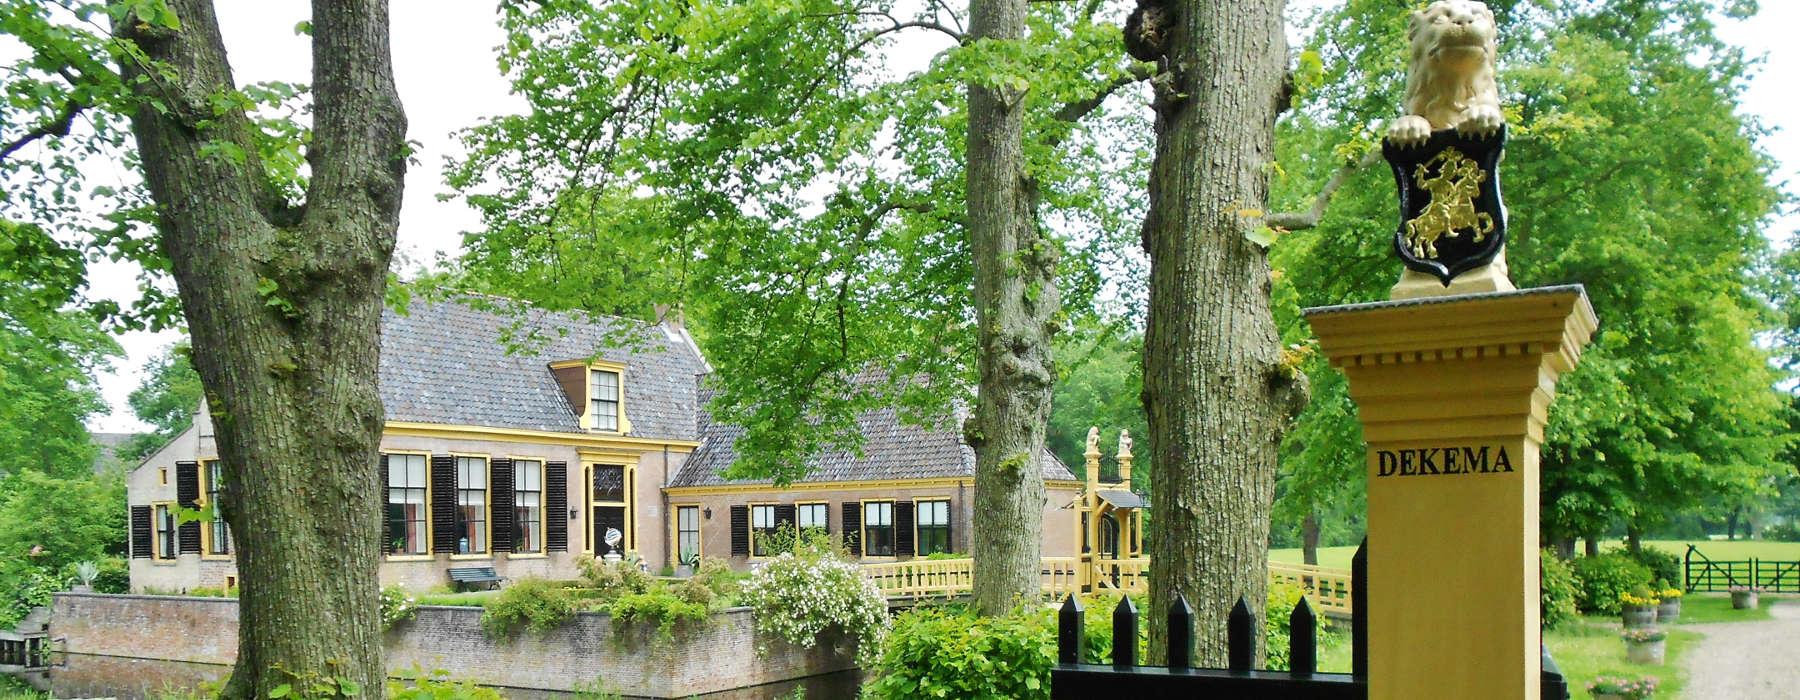 Nijs Gemeente Ljouwert - Dekema